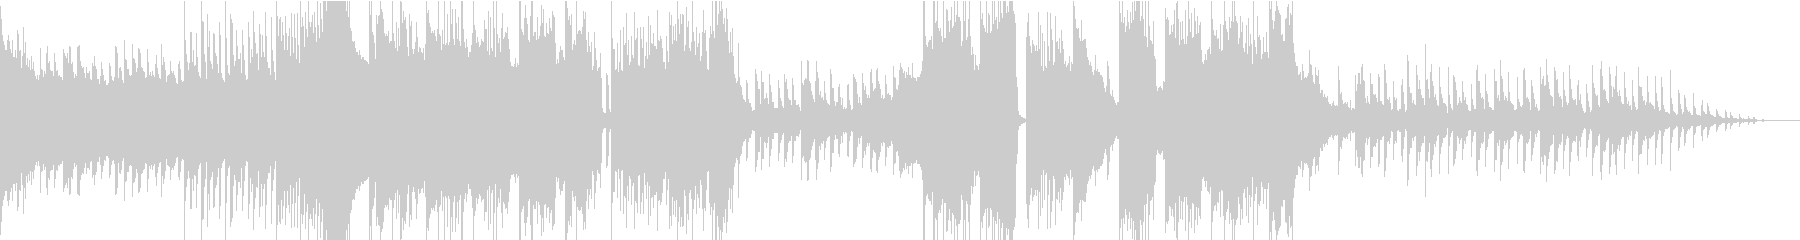 攻撃的なワブルベースのダブステップの未再生の波形